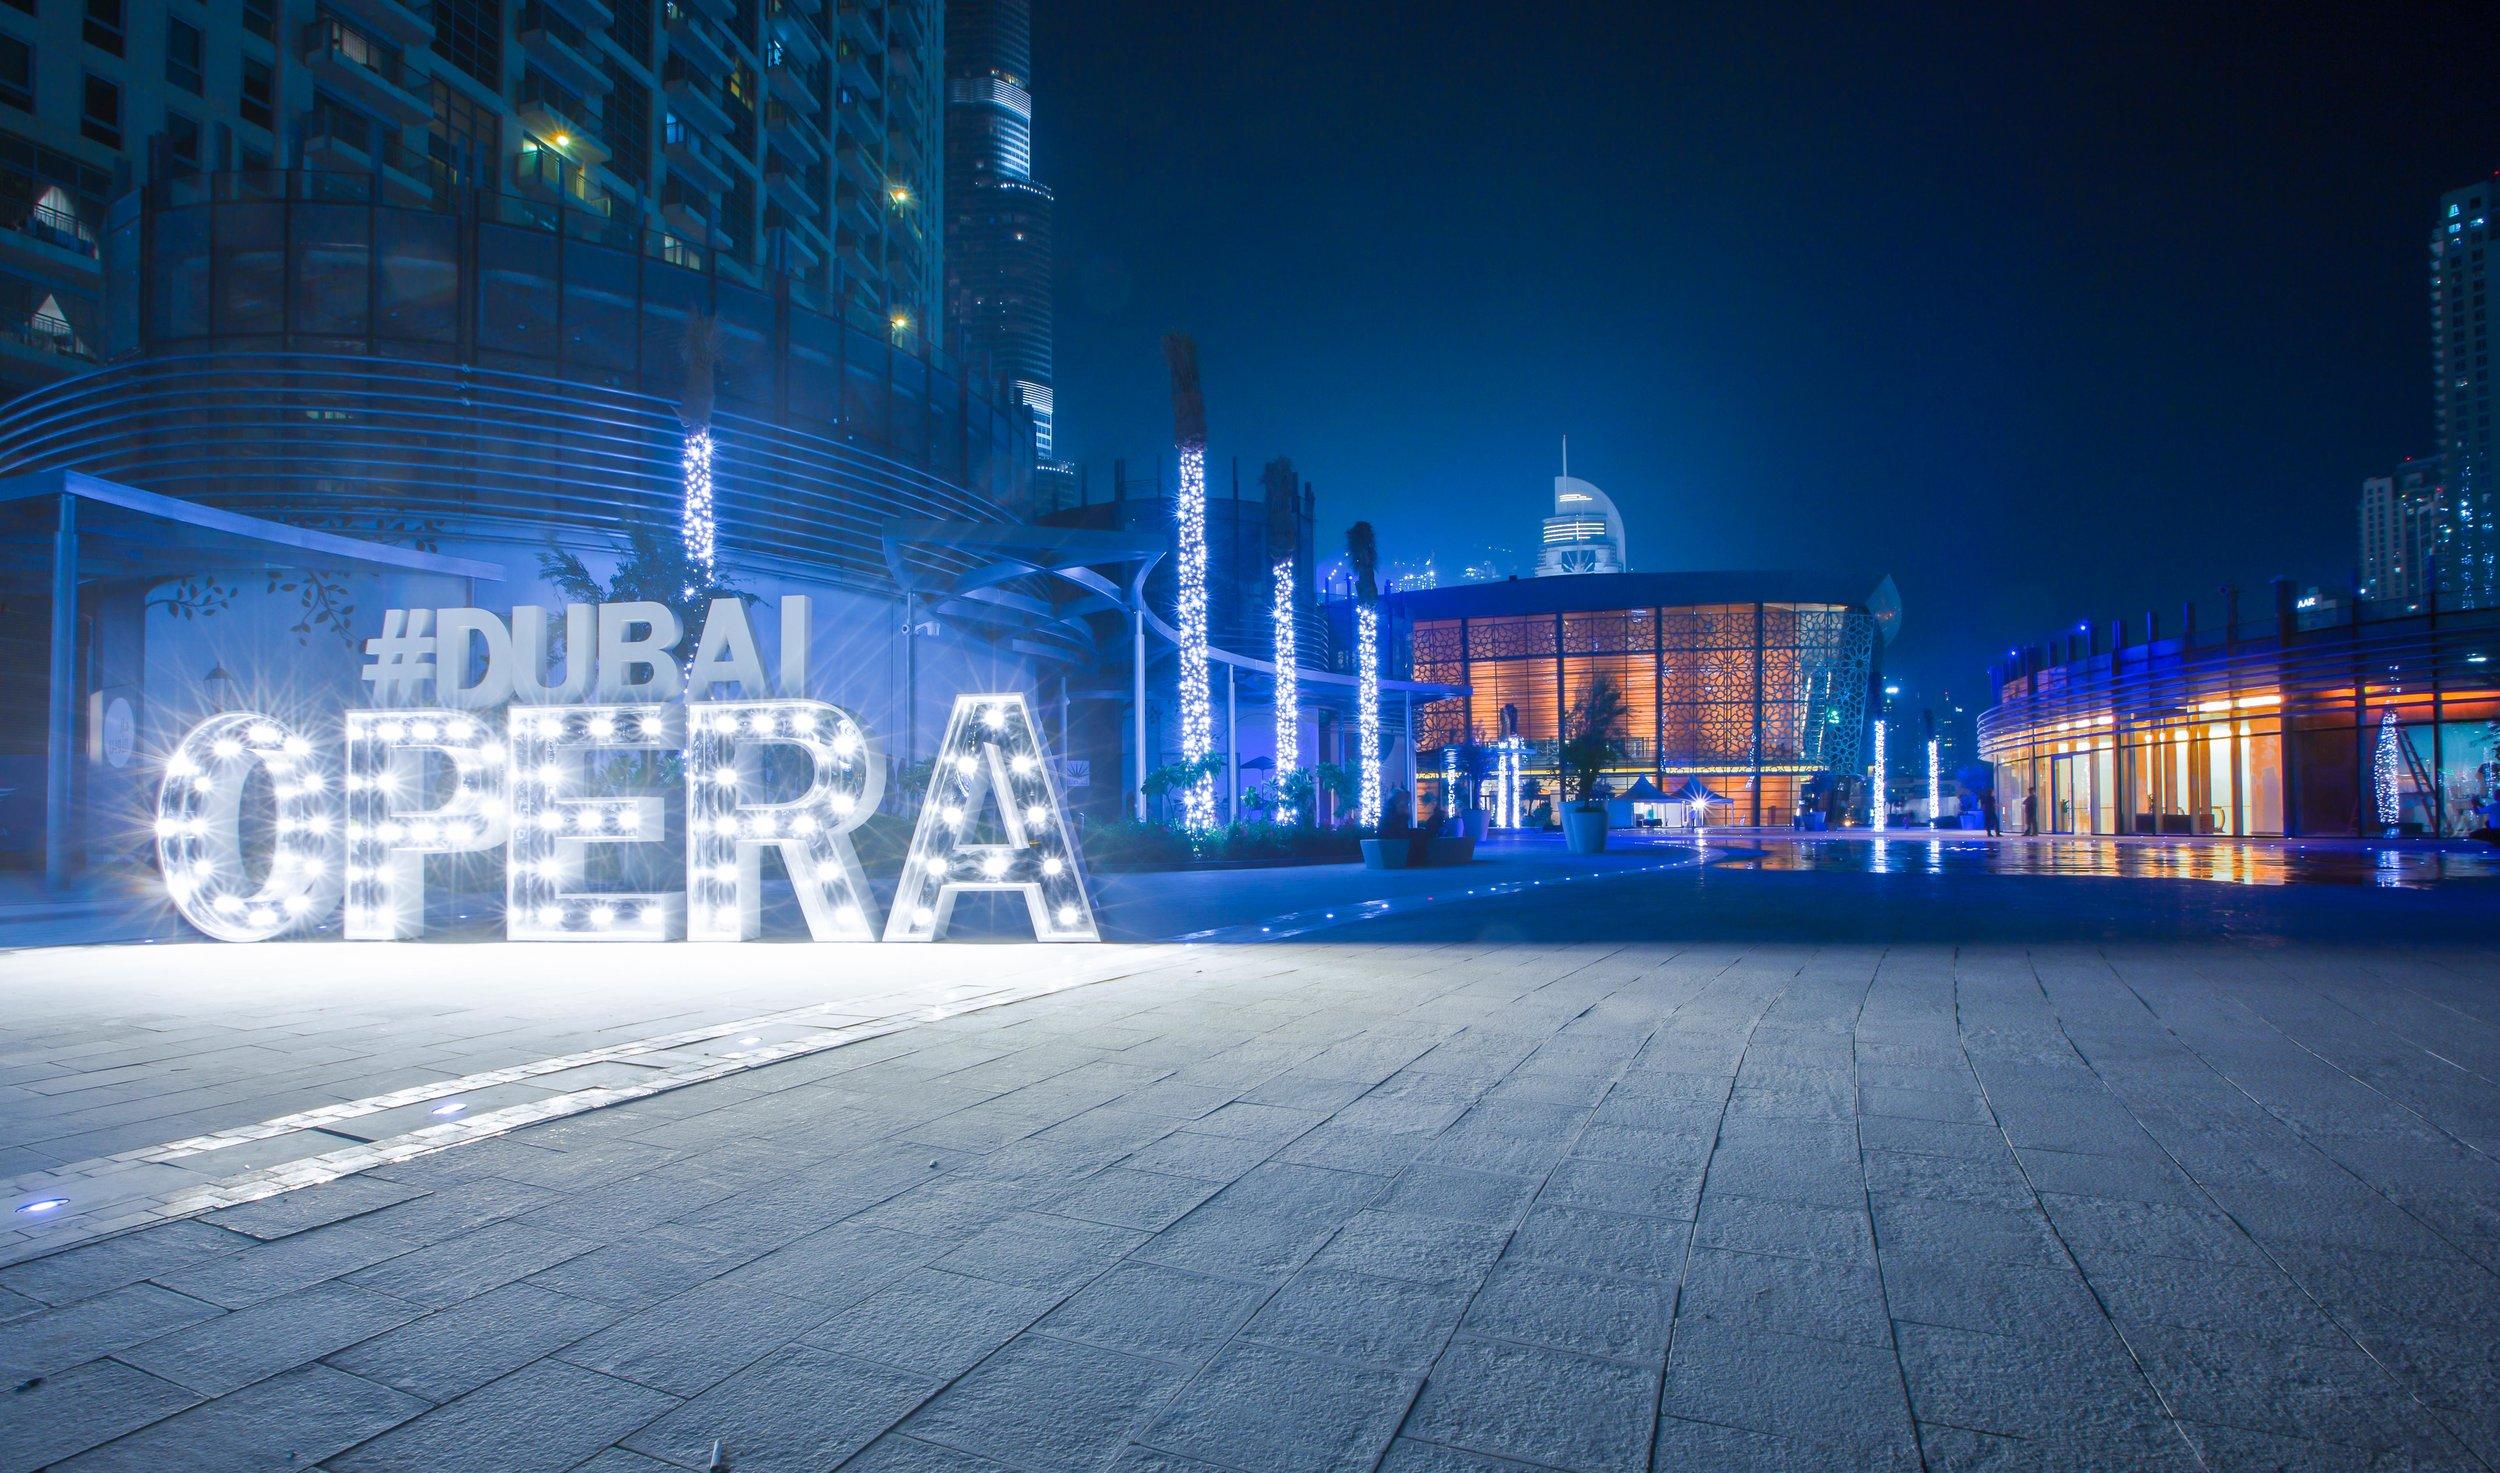 The facade of Dubai Opera during an event sponsored by Jaguar. Courtesy Dubai Opera